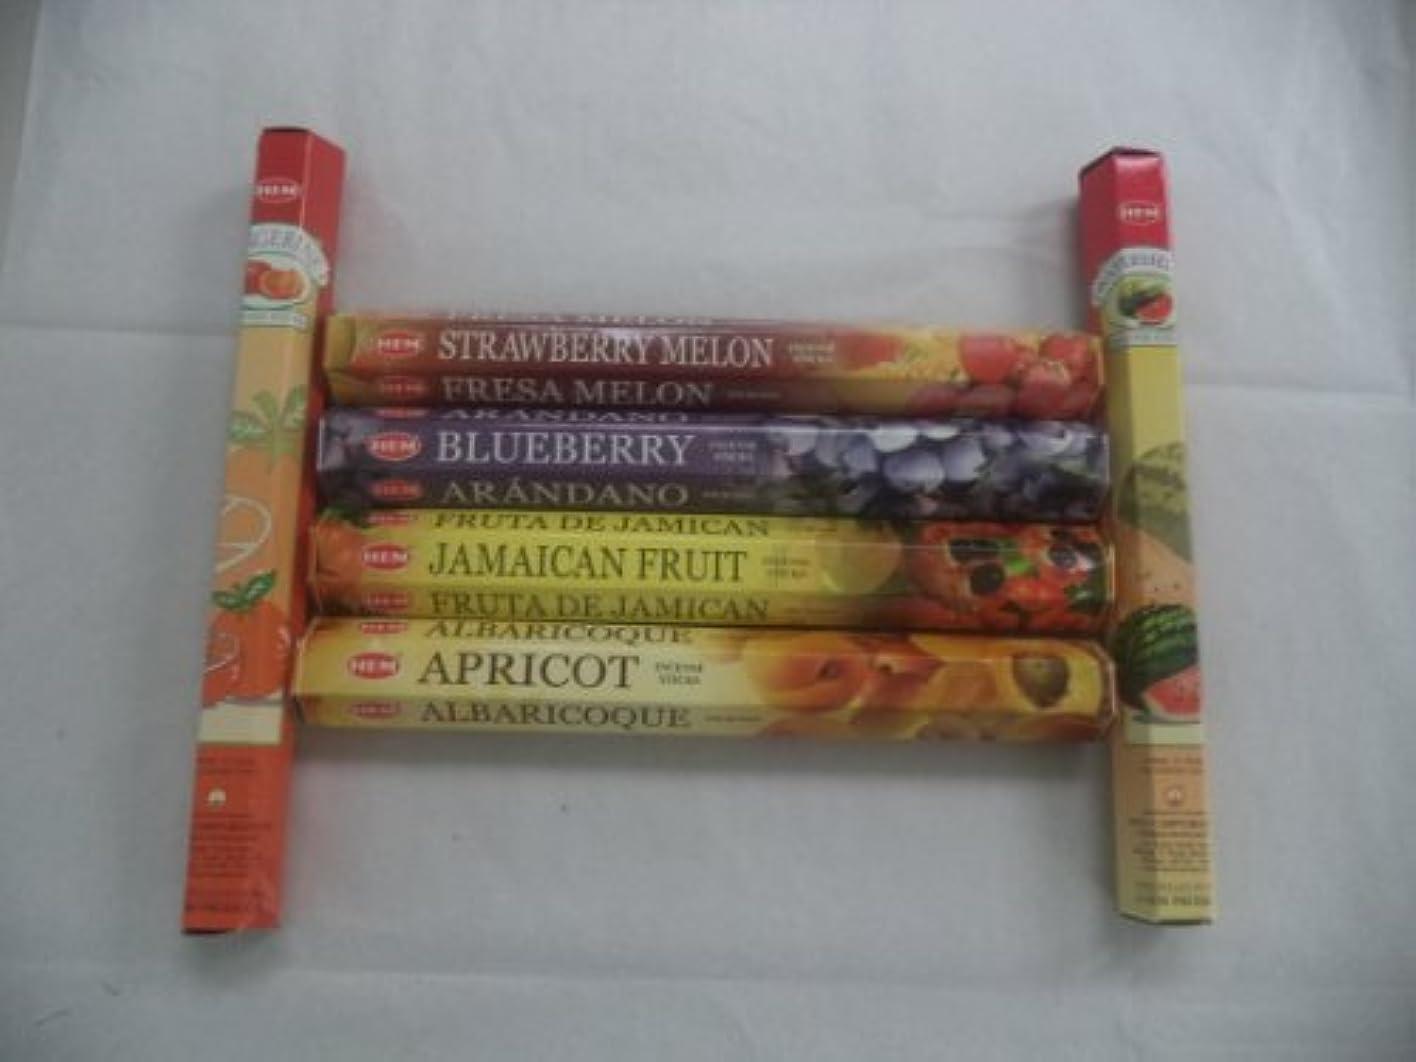 スリット出会い任命するHem Fruitさまざまなお香セット6 x 20 = 120 Sticksさまざまなギフトパック